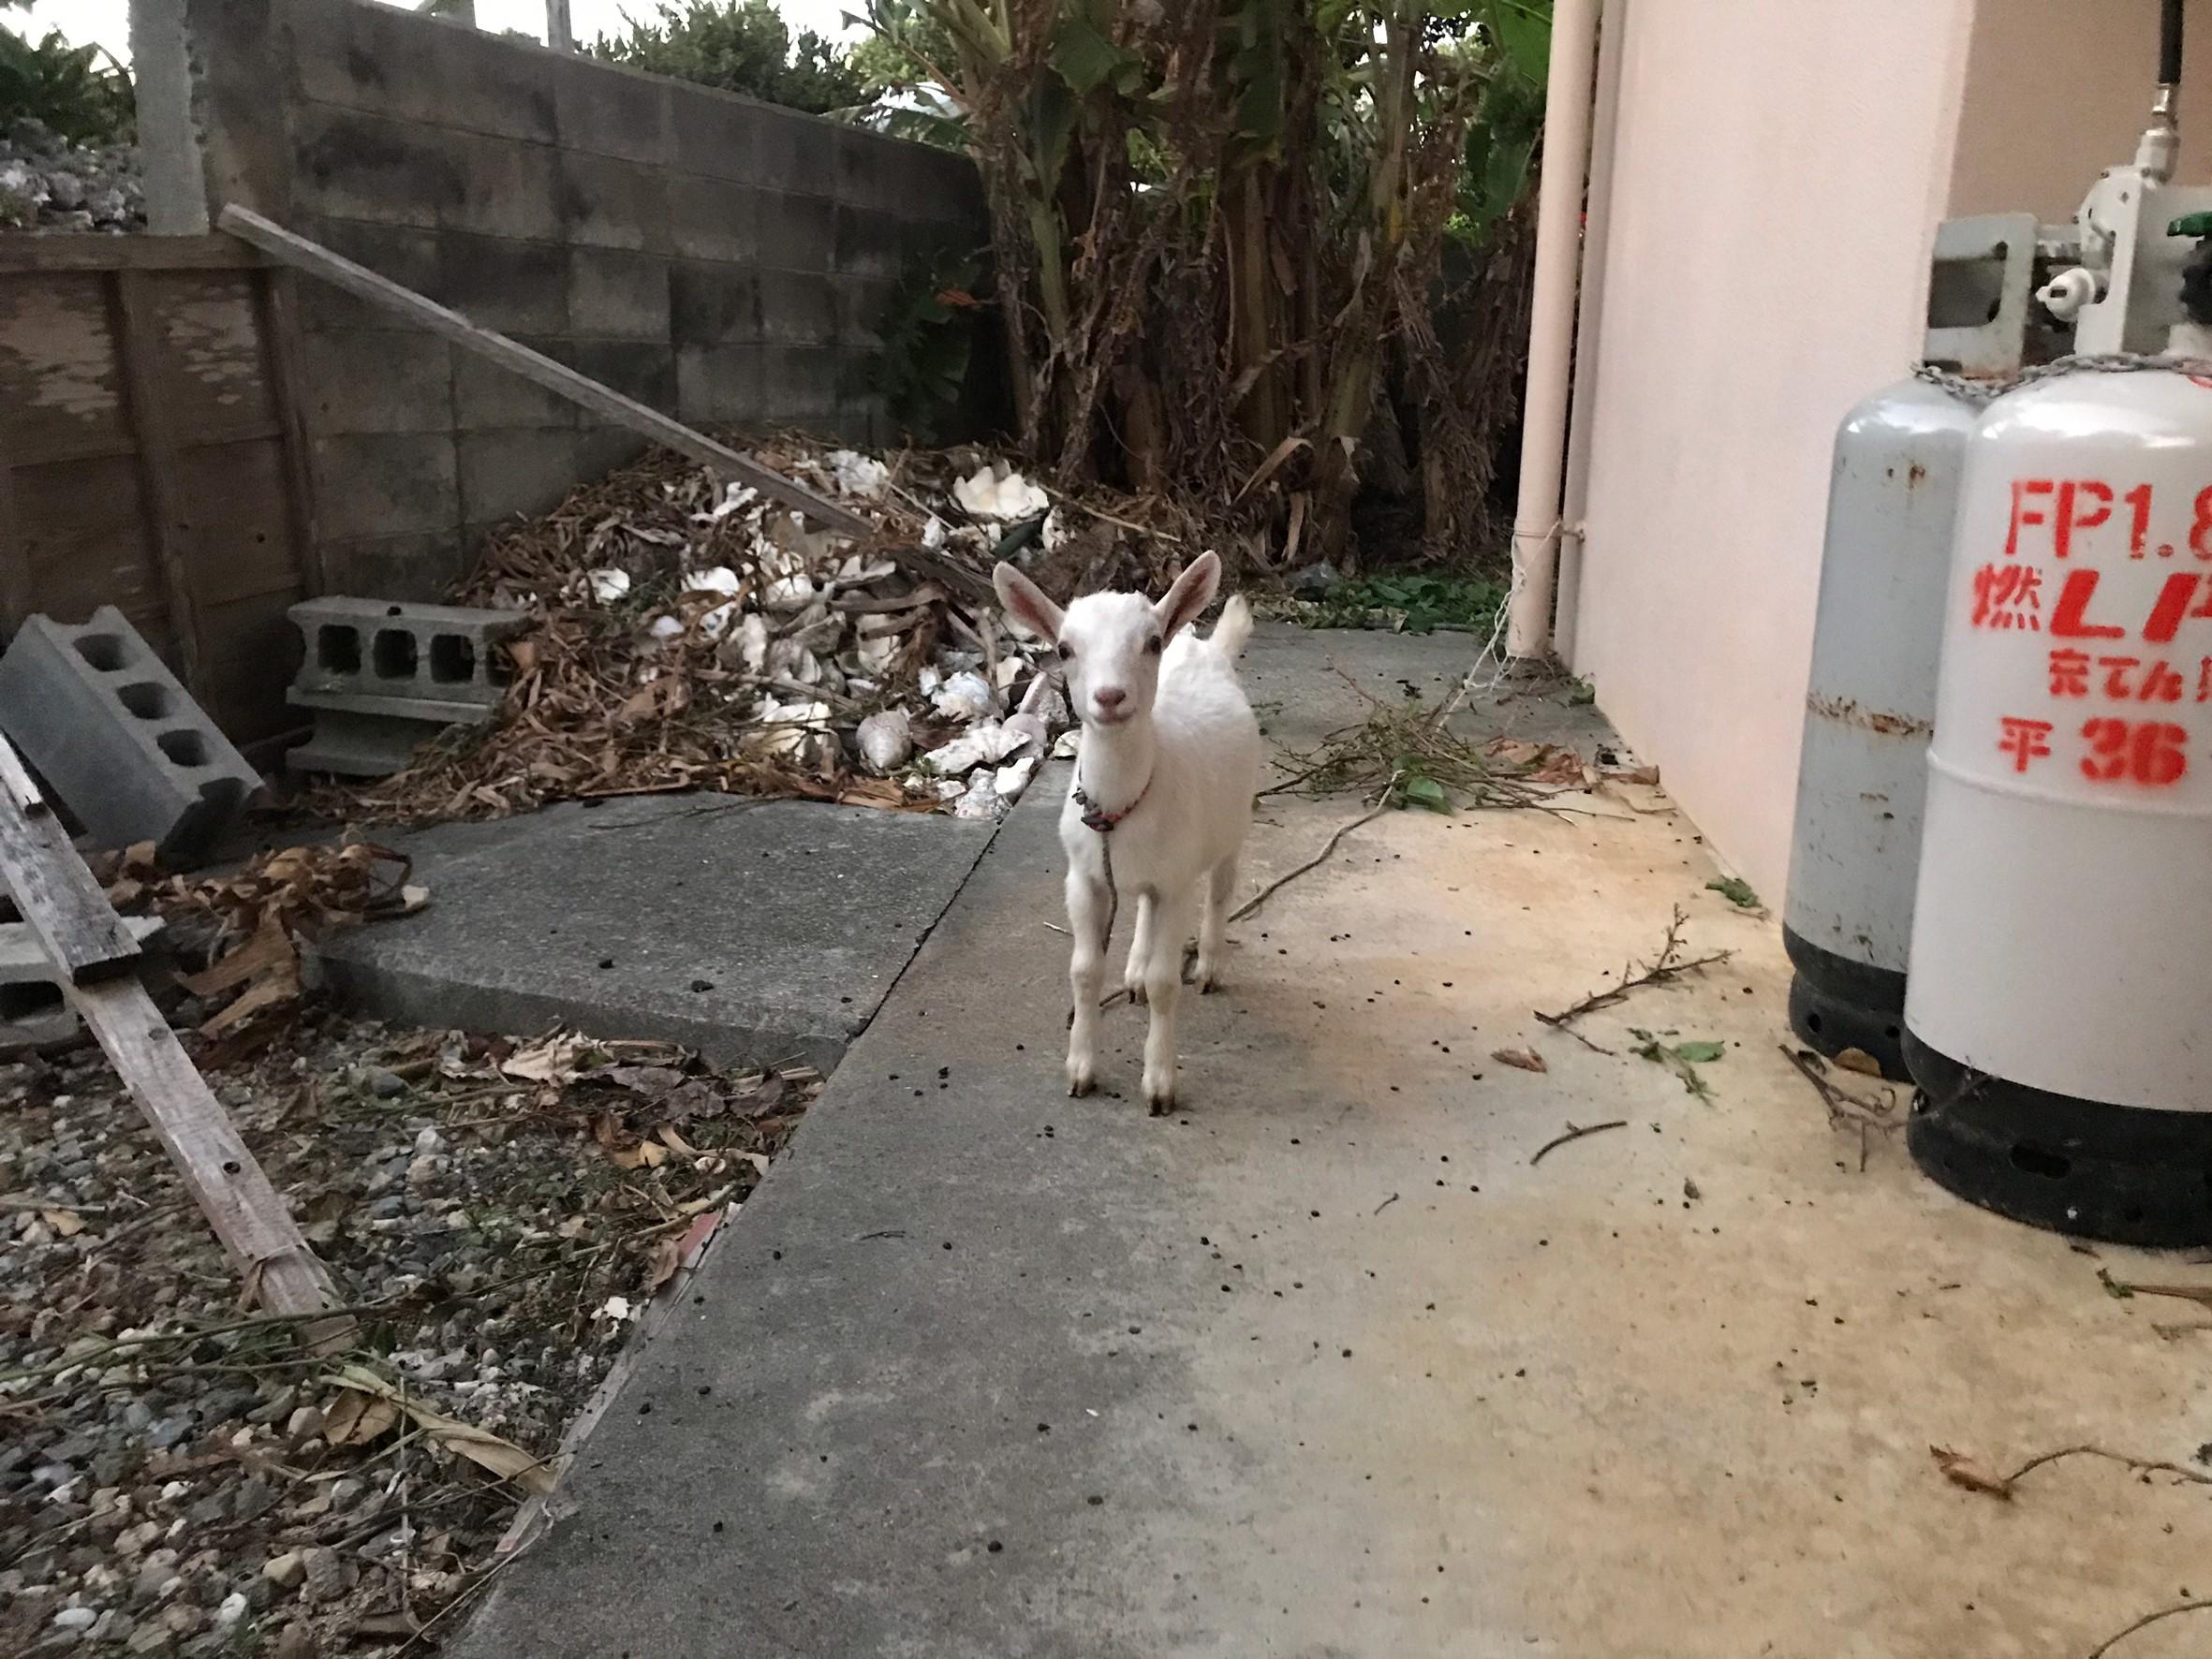 Manya's Goat